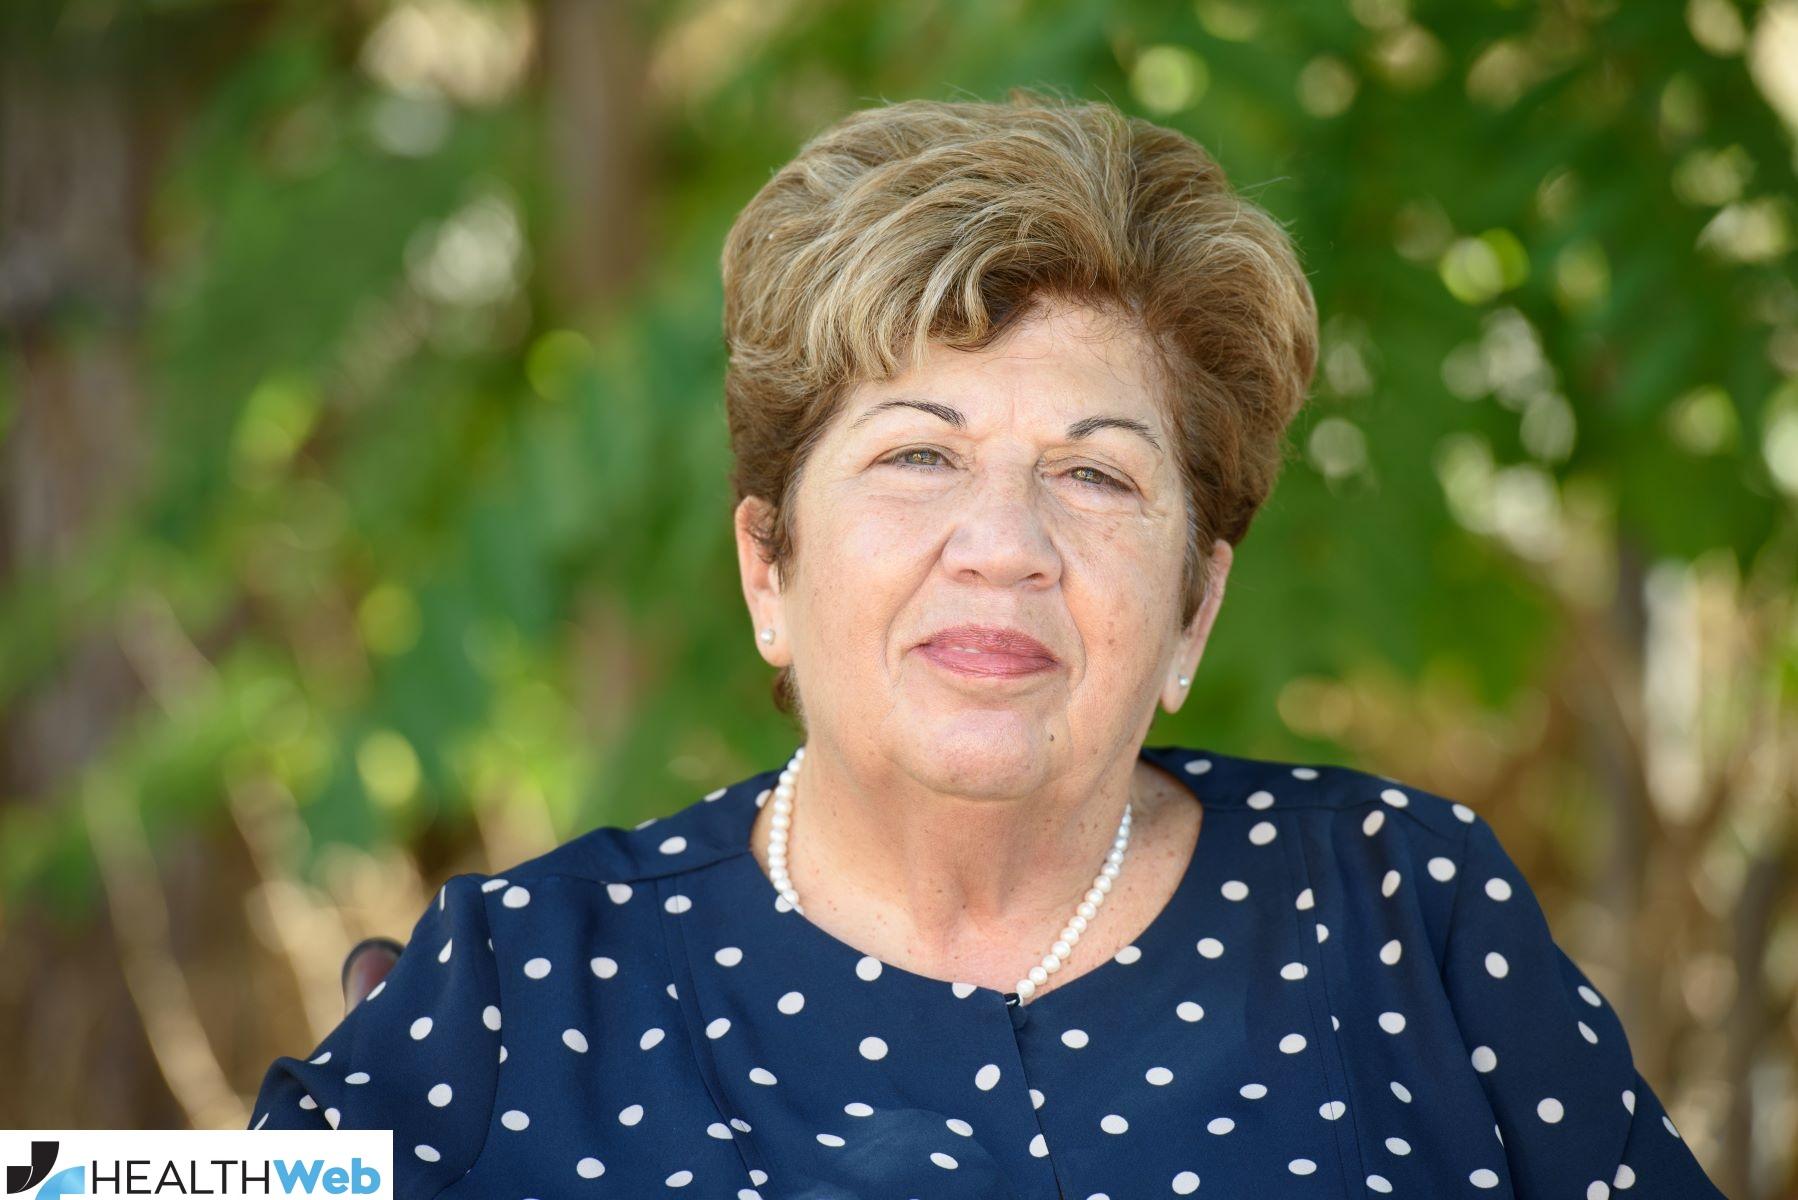 Συνέντευξη της Βάσως Μαράκα στο healthweb: Η Πολιτεία να ενισχύσει την λειτουργία των συλλόγων ασθενών